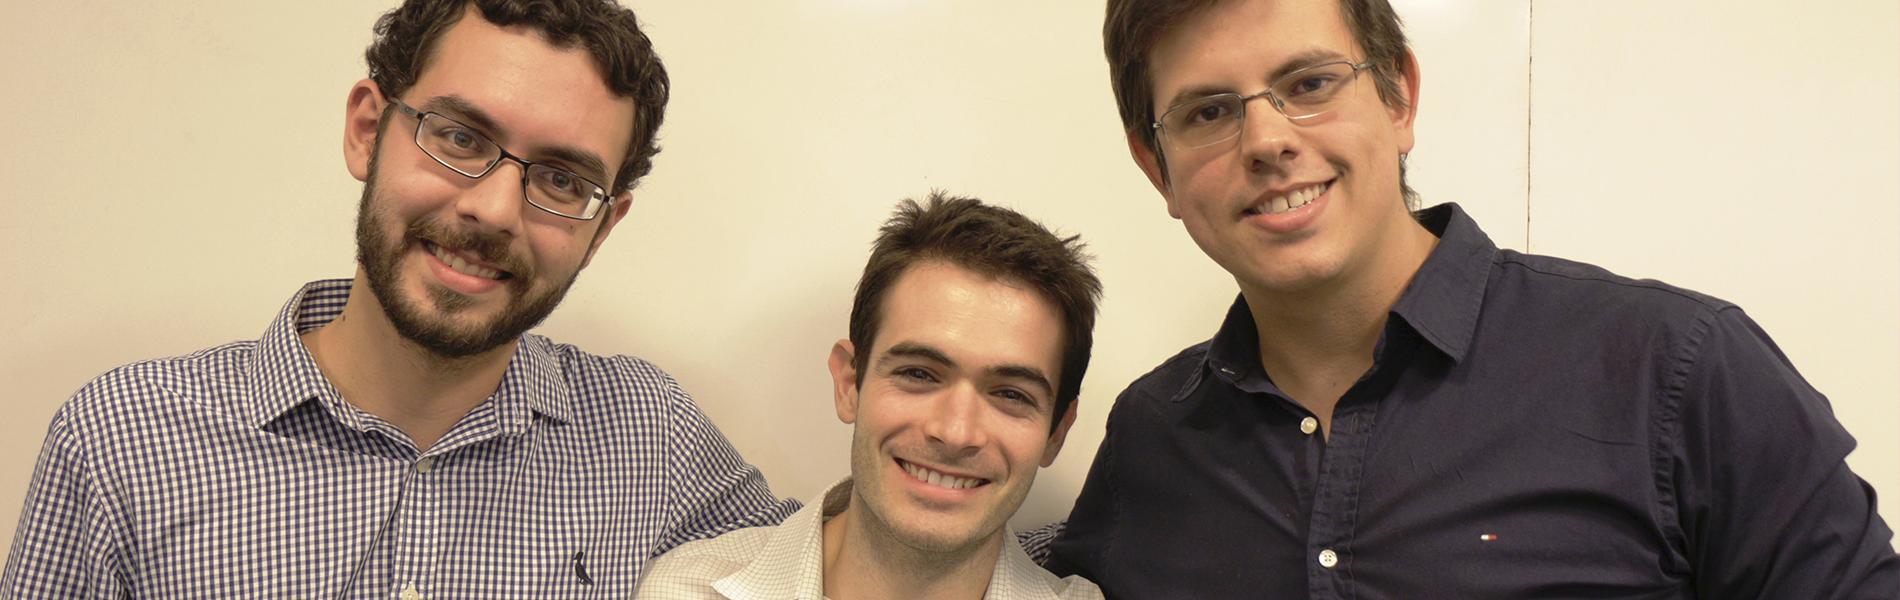 Foto dos três alunos da UFF